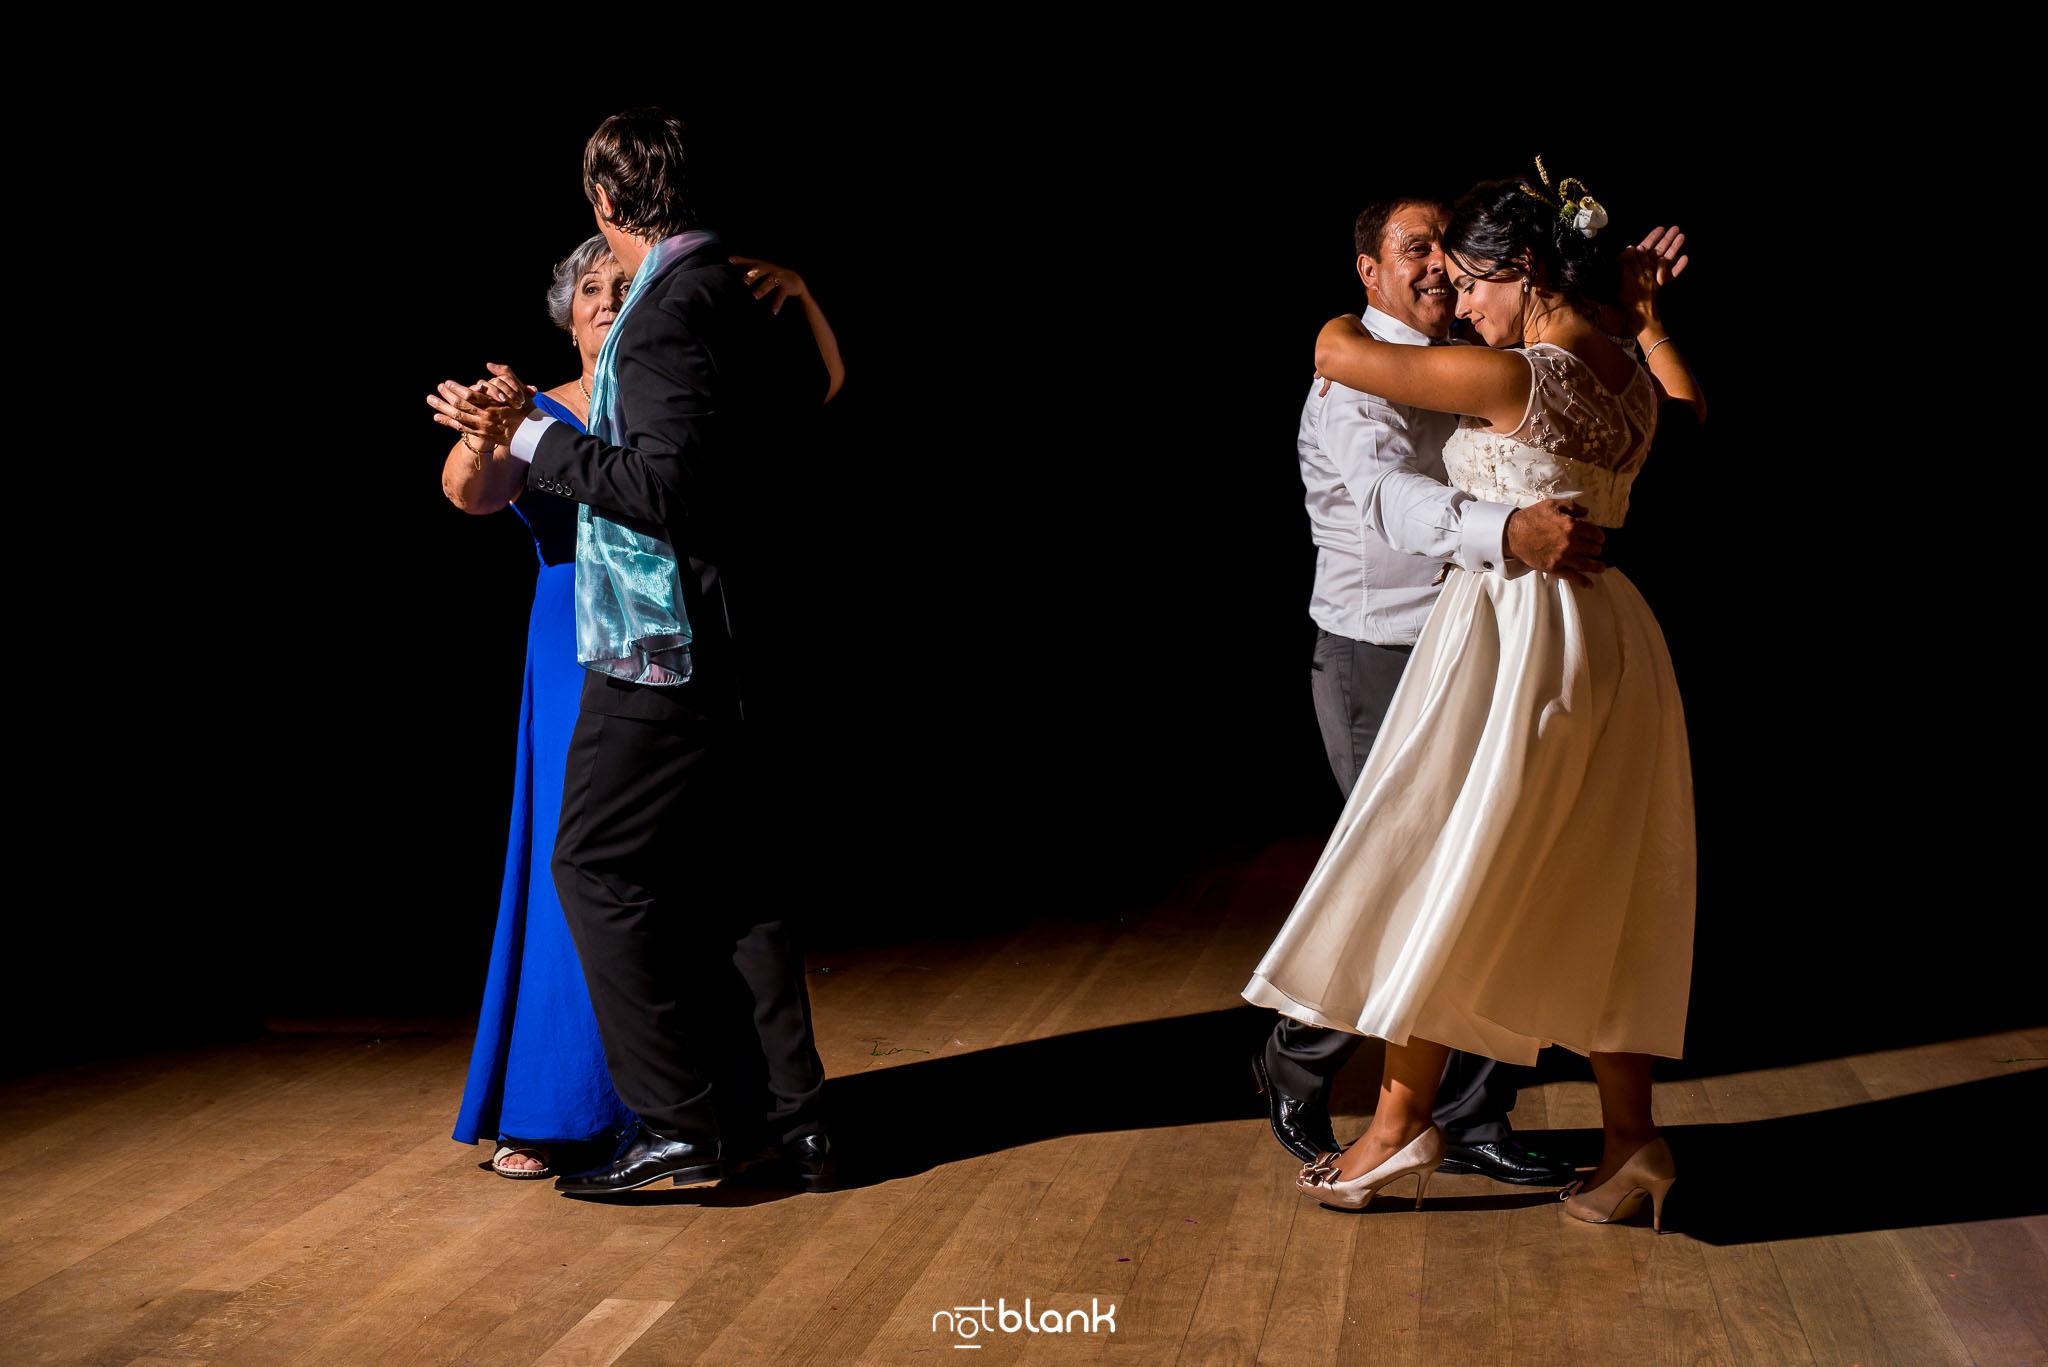 notblank-boda-Fotógrafo de boda-Mondariz-Balneario-Baile-Madrina-Padrino-Novio-Novia